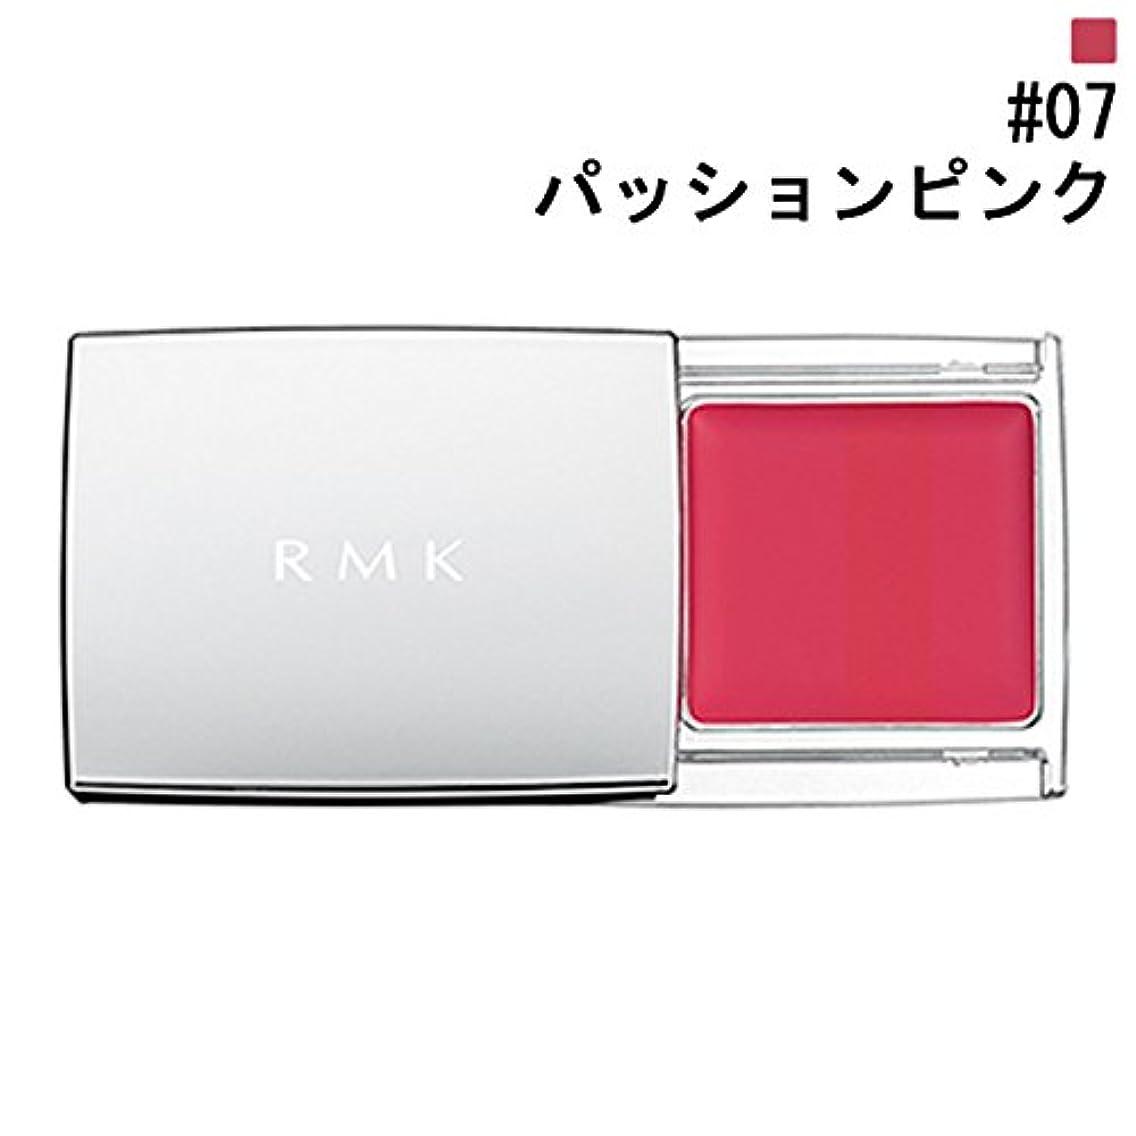 地理怠問い合わせる【RMK (ルミコ)】RMK マルチペイントカラーズ #07 パッションピンク 1.5g